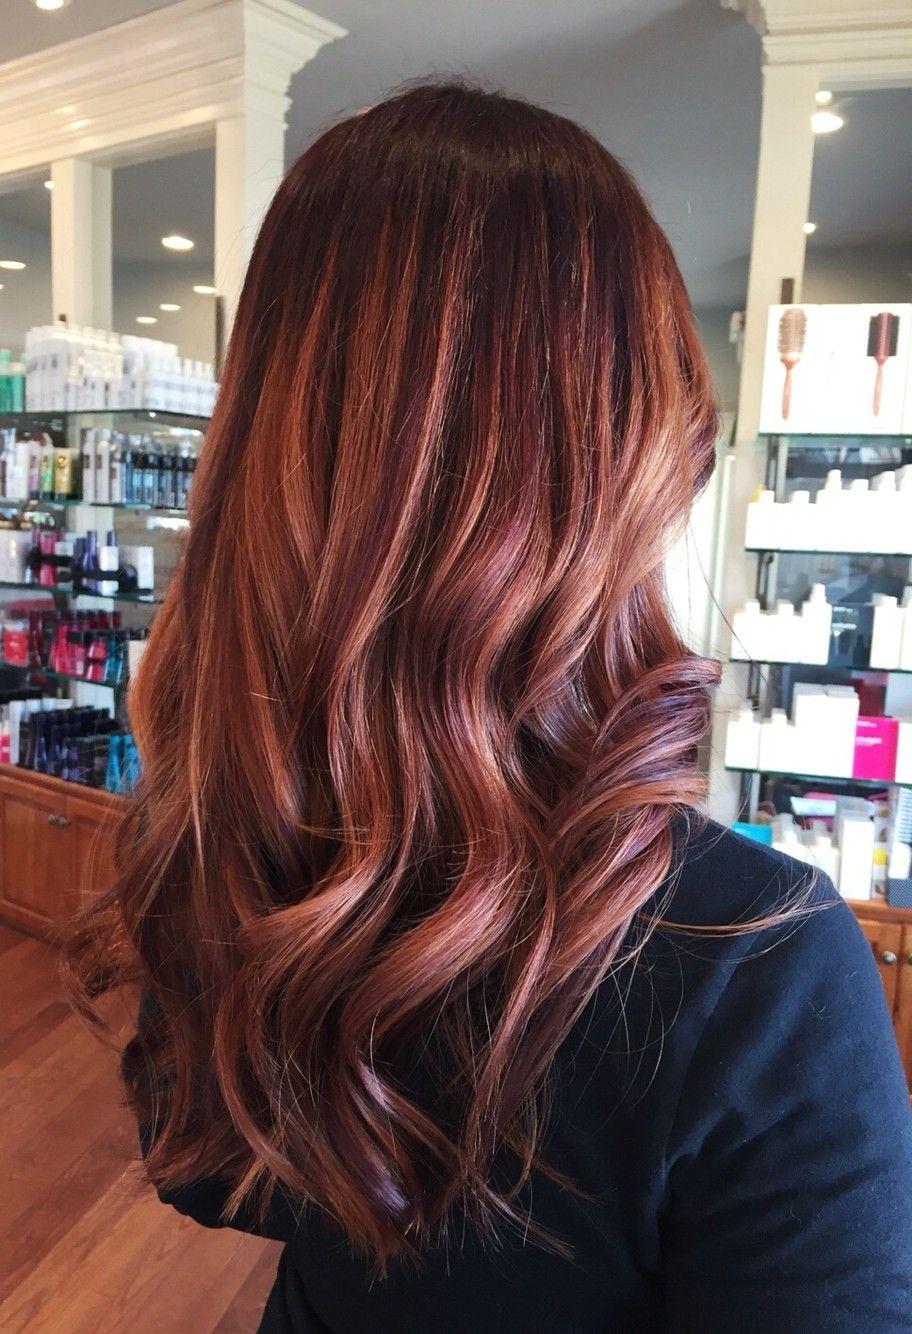 Red Mahogany With Gold Highlights Hair Hair Styles Mahogany Hair